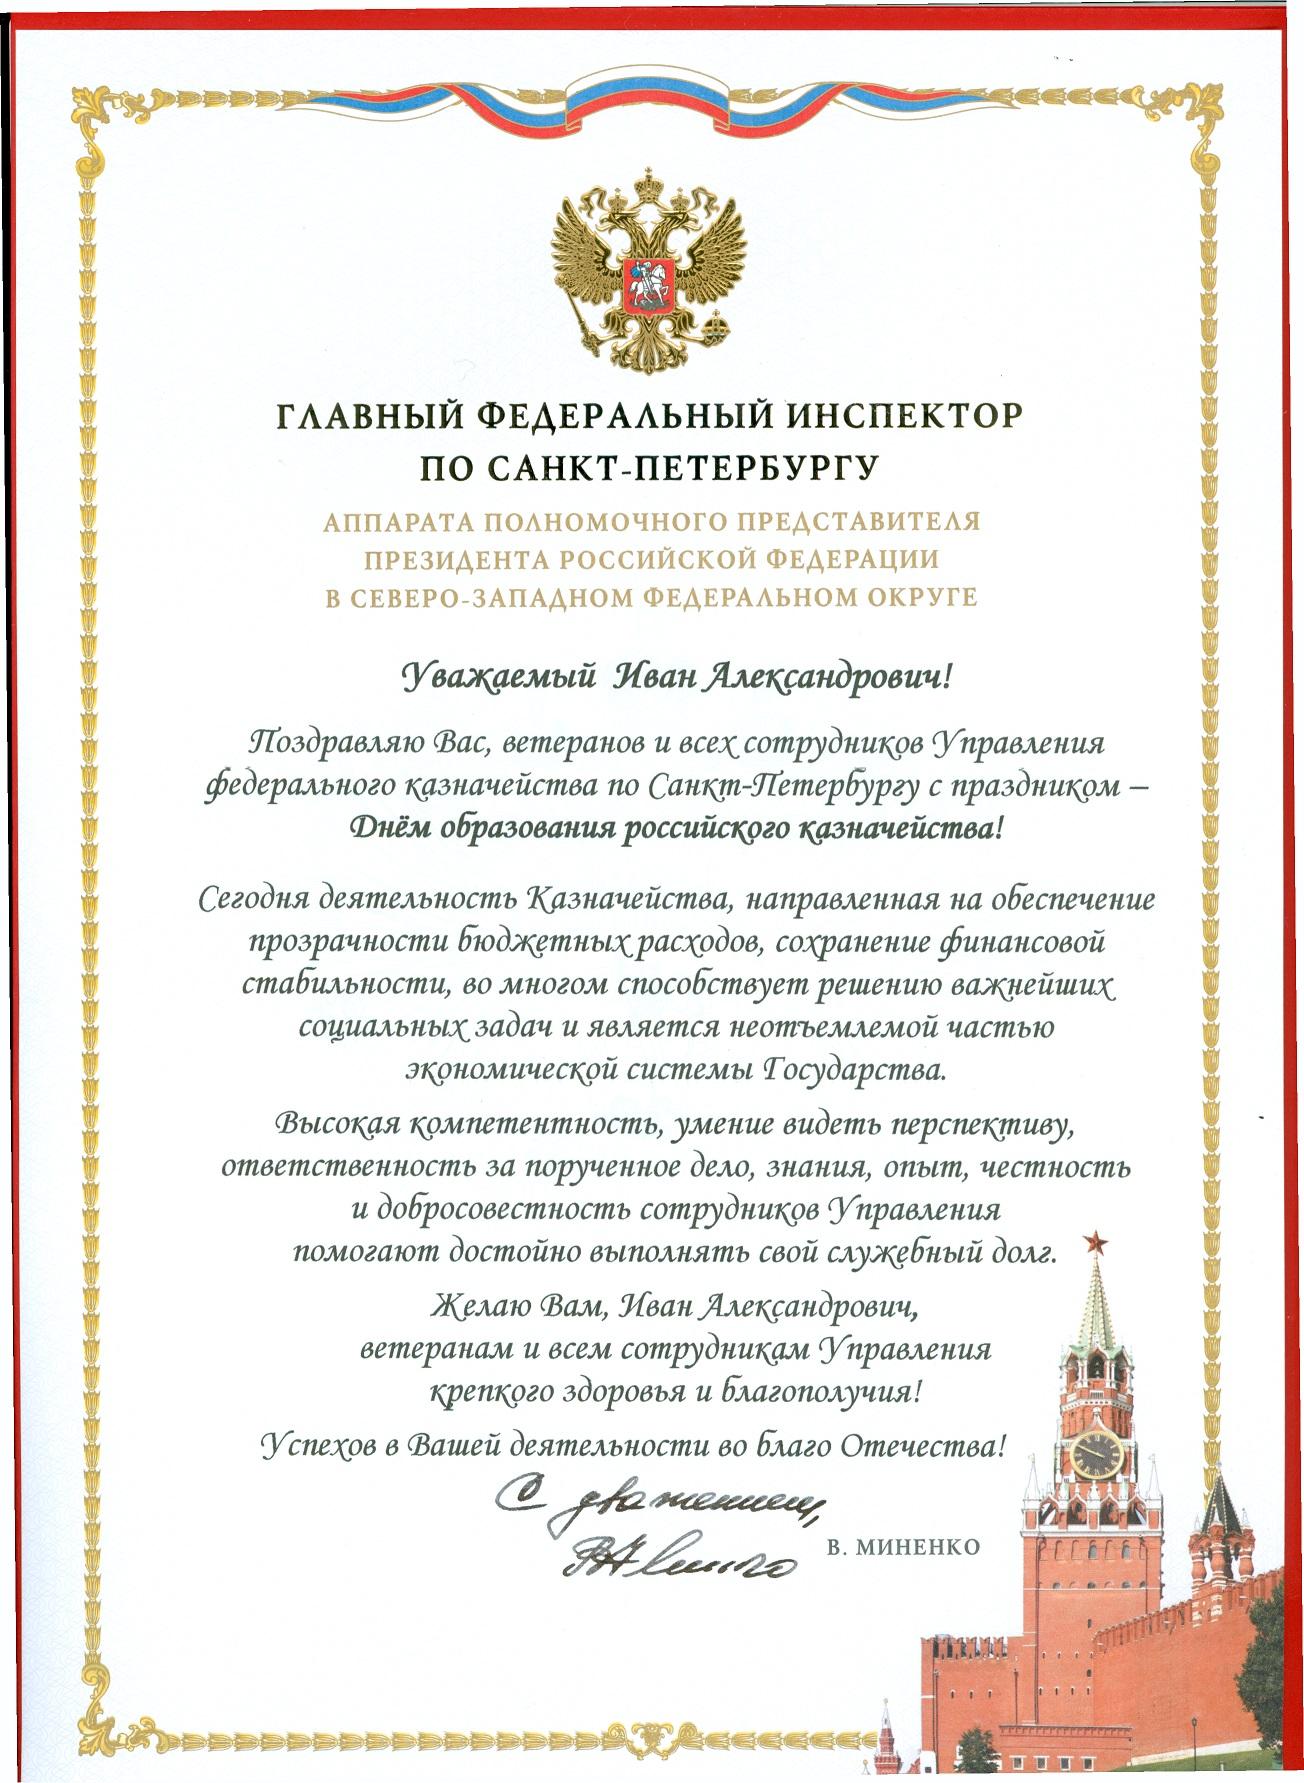 Поздравление главному федеральному инспектору с юбилеем